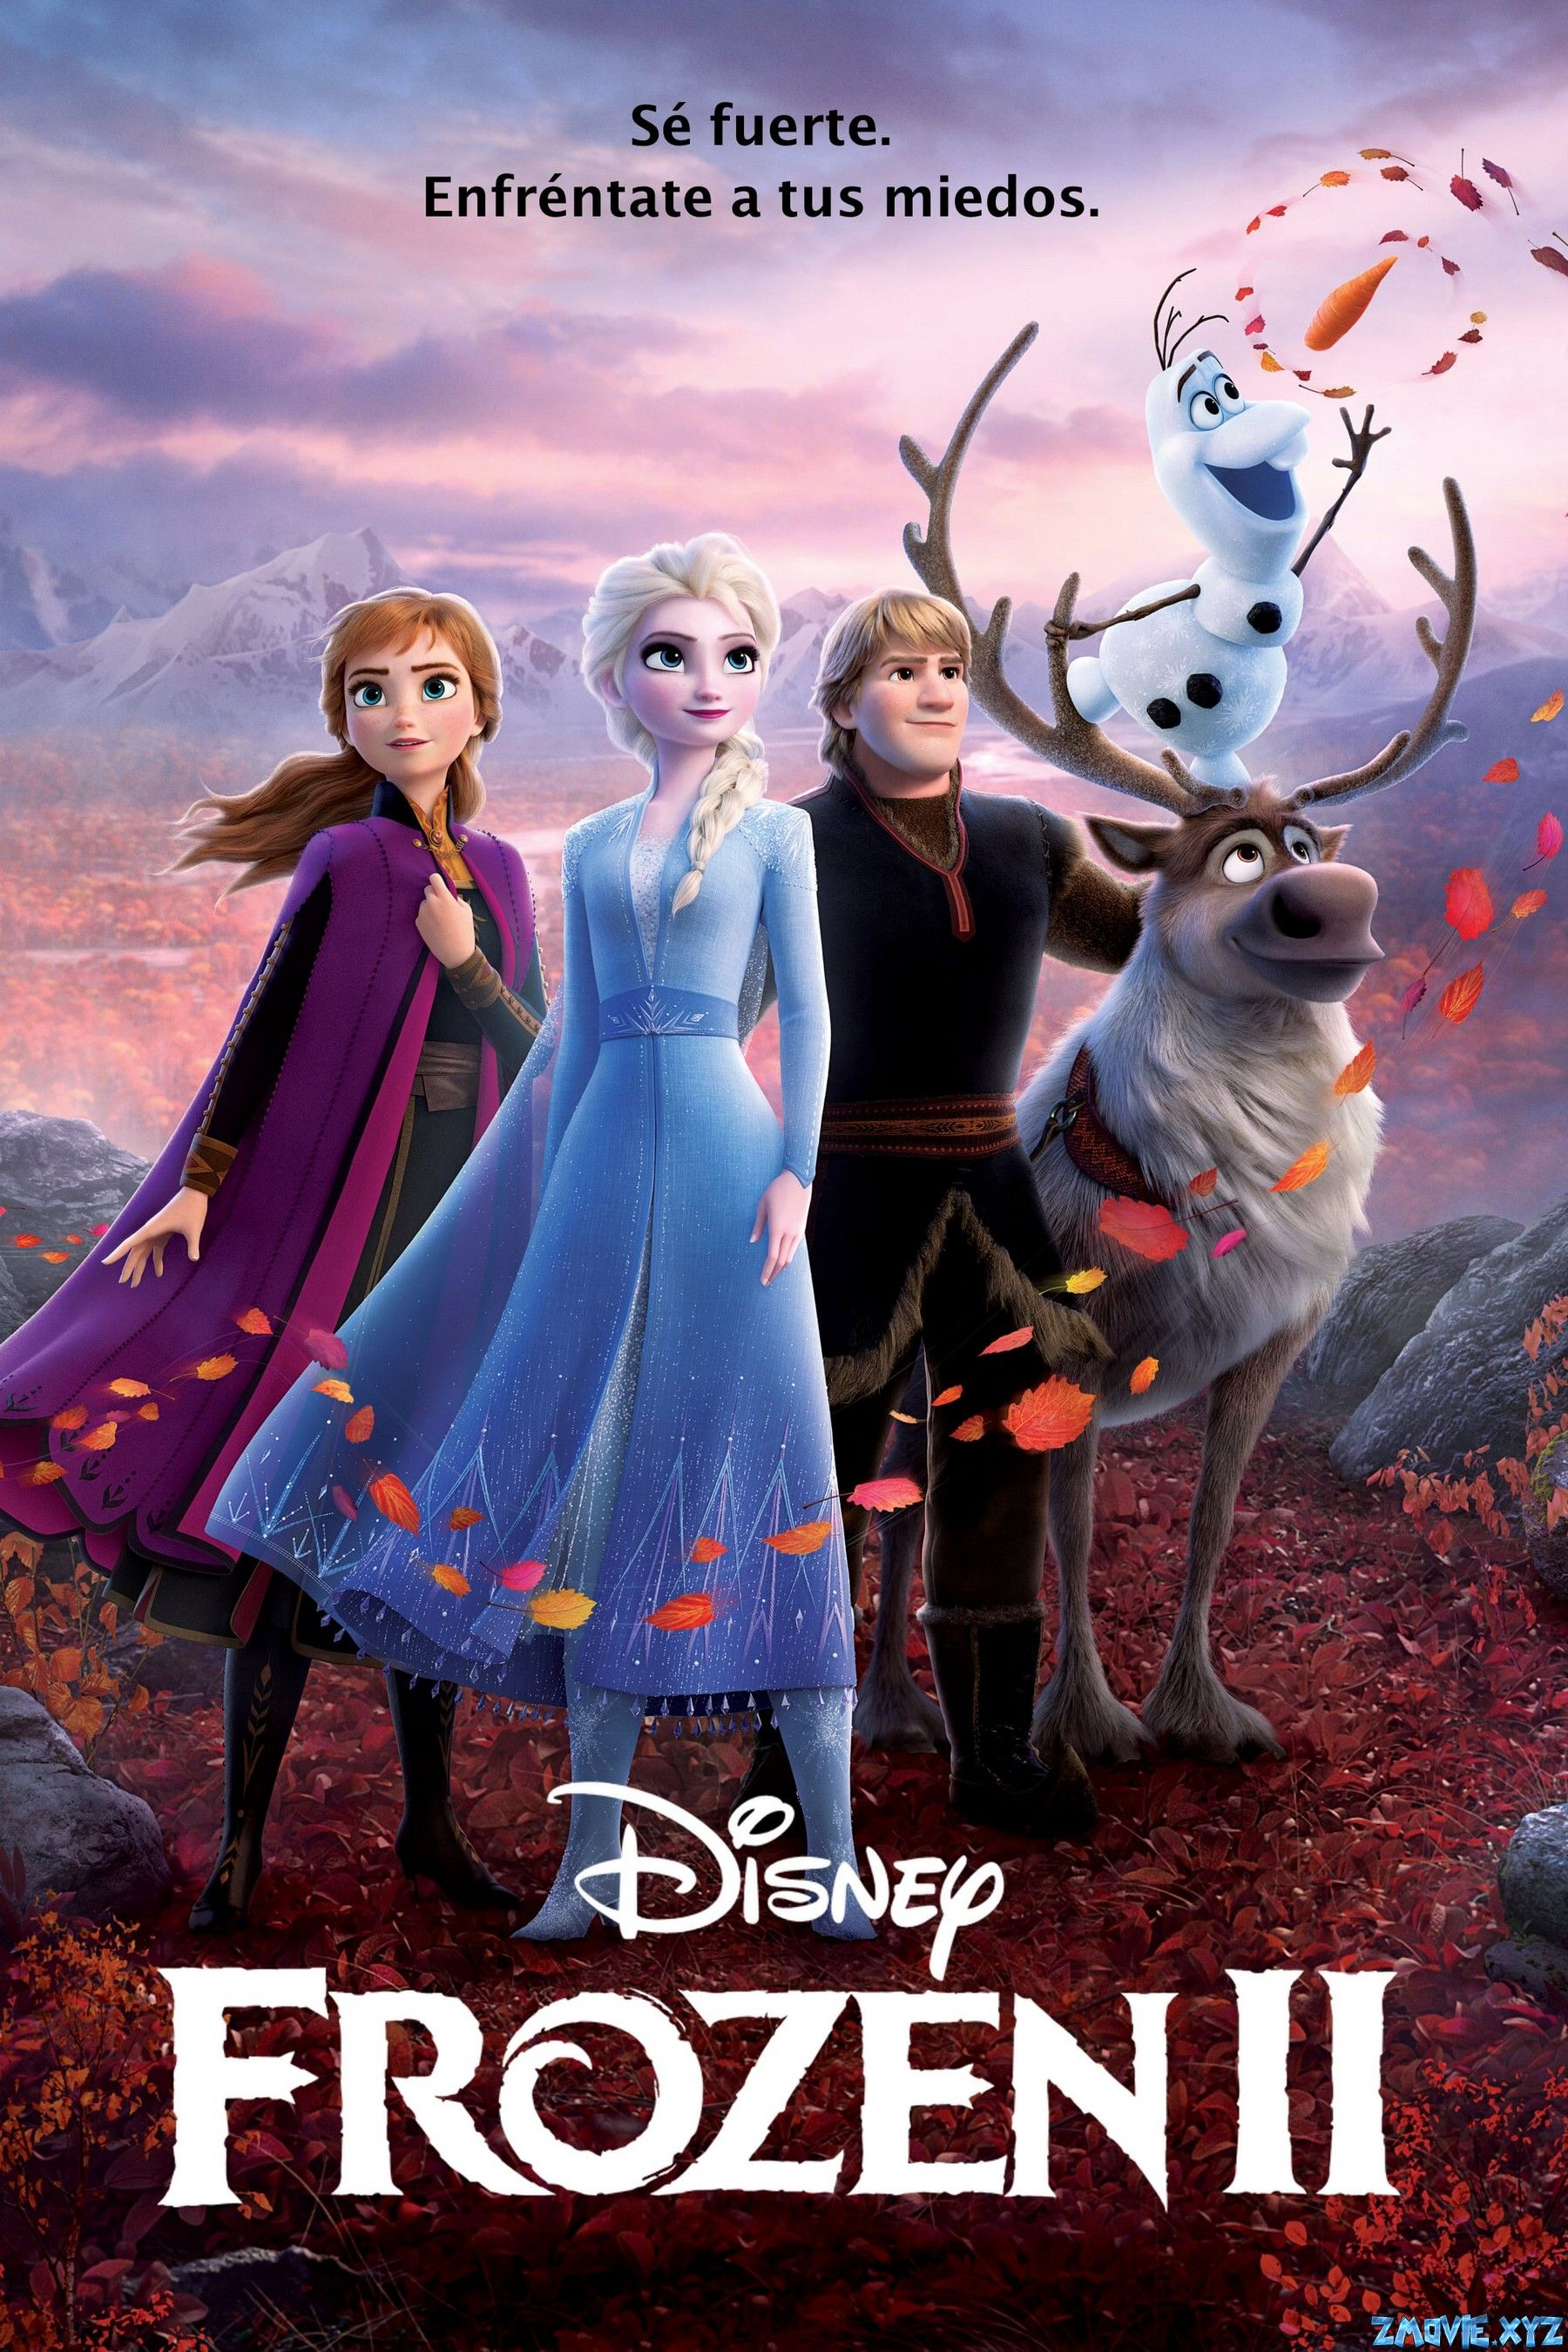 Frozen 2 Pelicula Completa En Espanol Latino Hd Subtitulado Actionmovie Newactionmo Peliculas Infantiles De Disney Frozen 2 Pelicula Ver Peliculas Disney